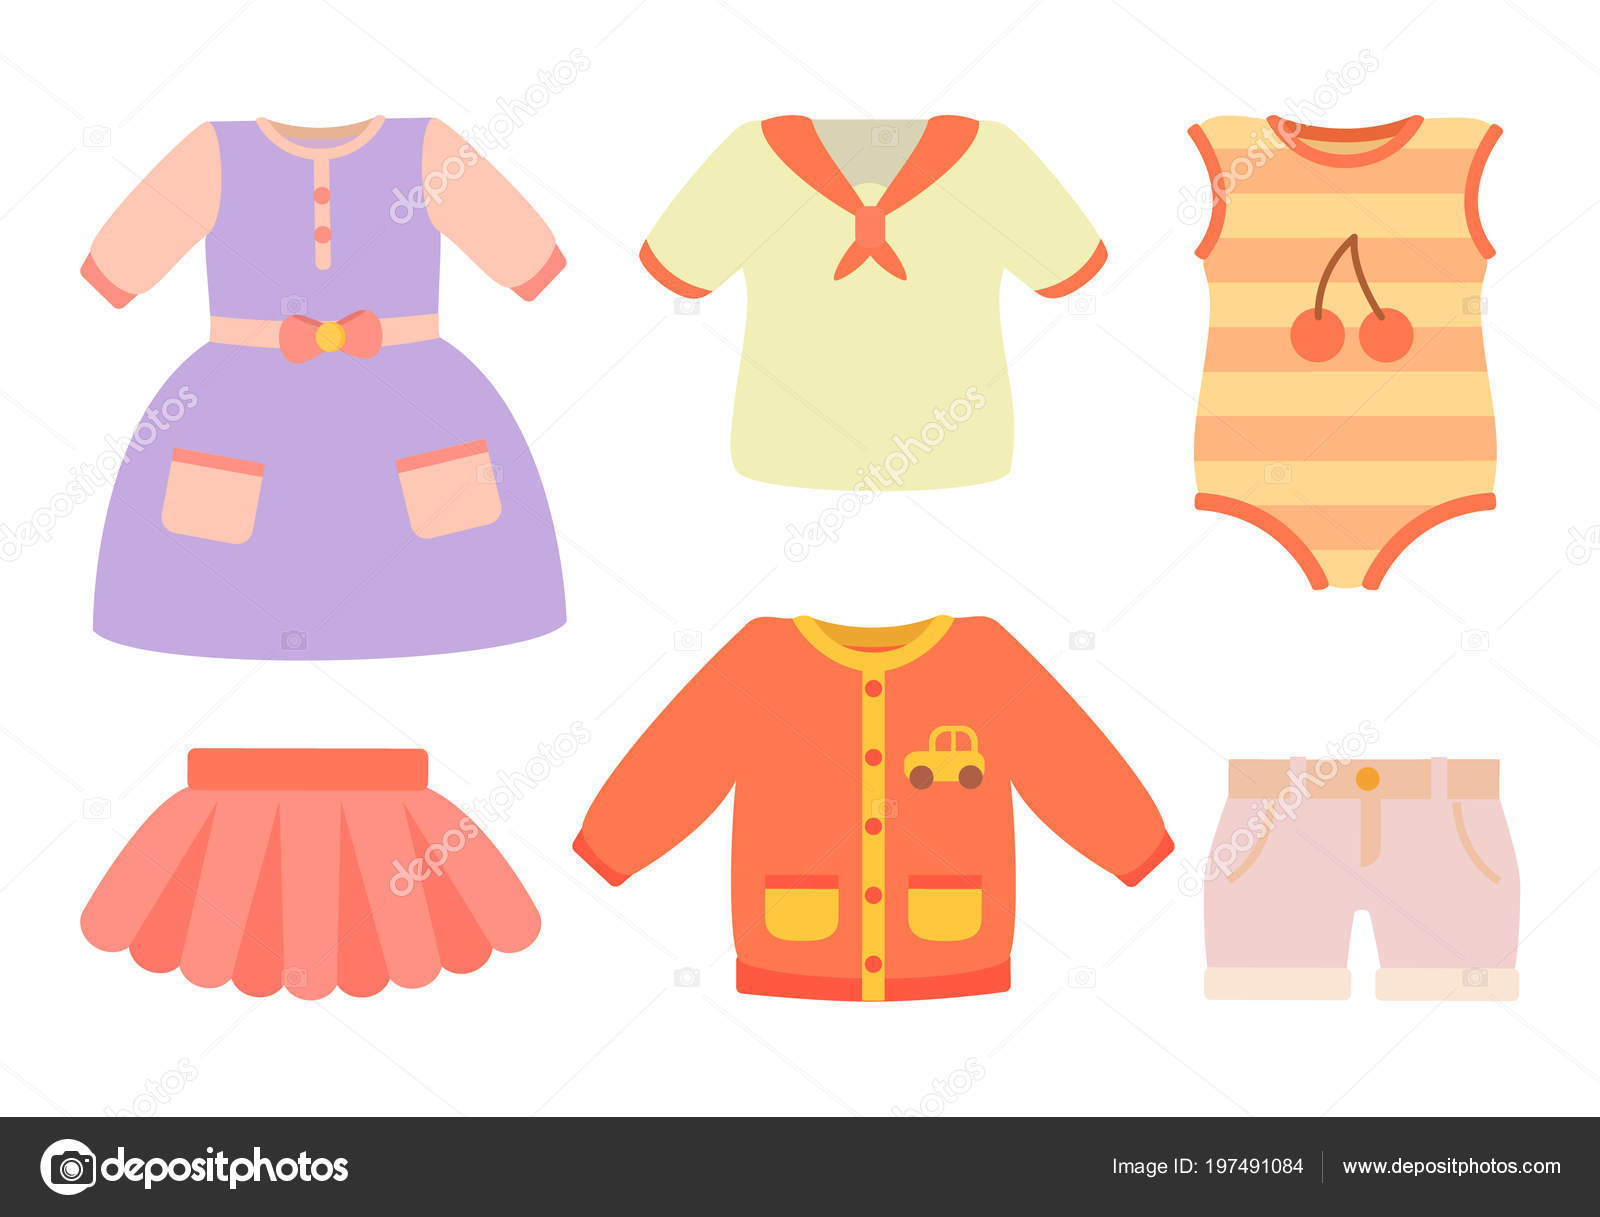 赤ちゃん服ポスターとセット ベクトル イラスト ストックベクター